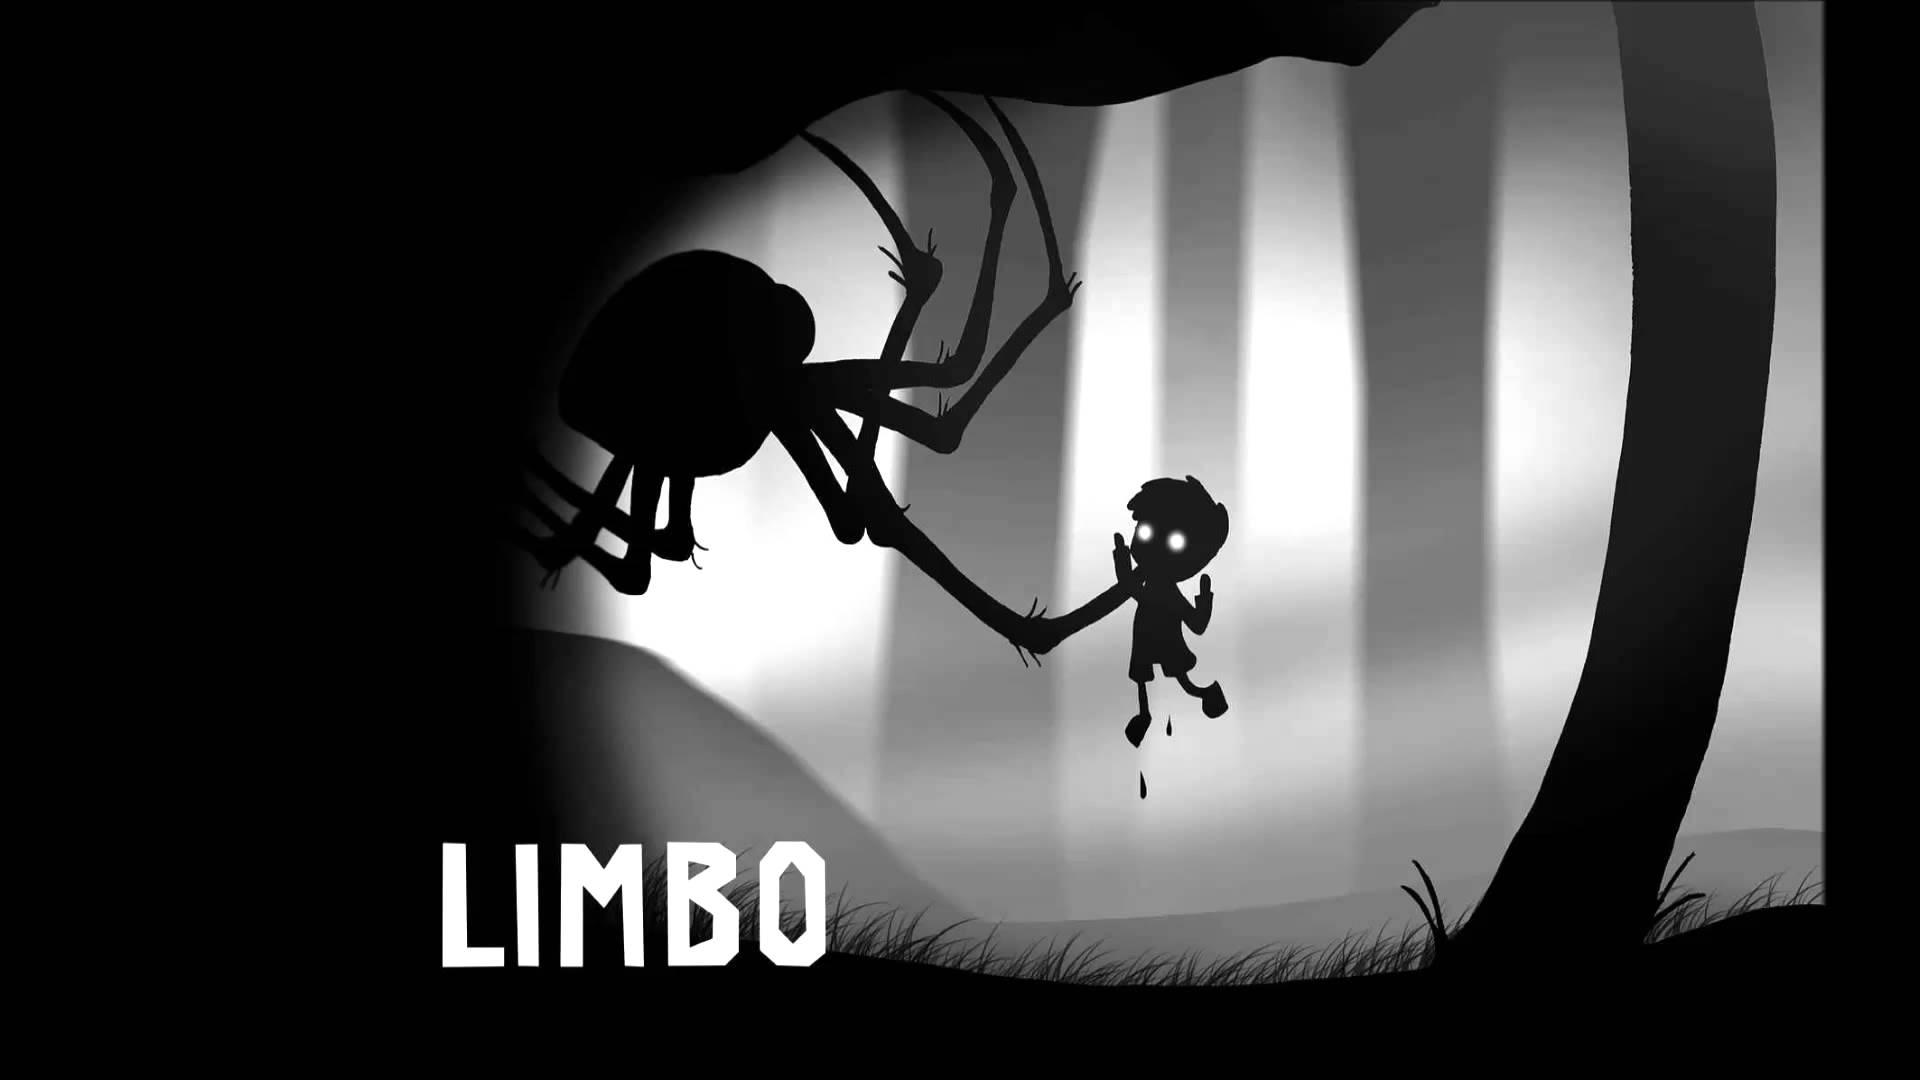 Limbo telecharger gratuit de PC et Torrent